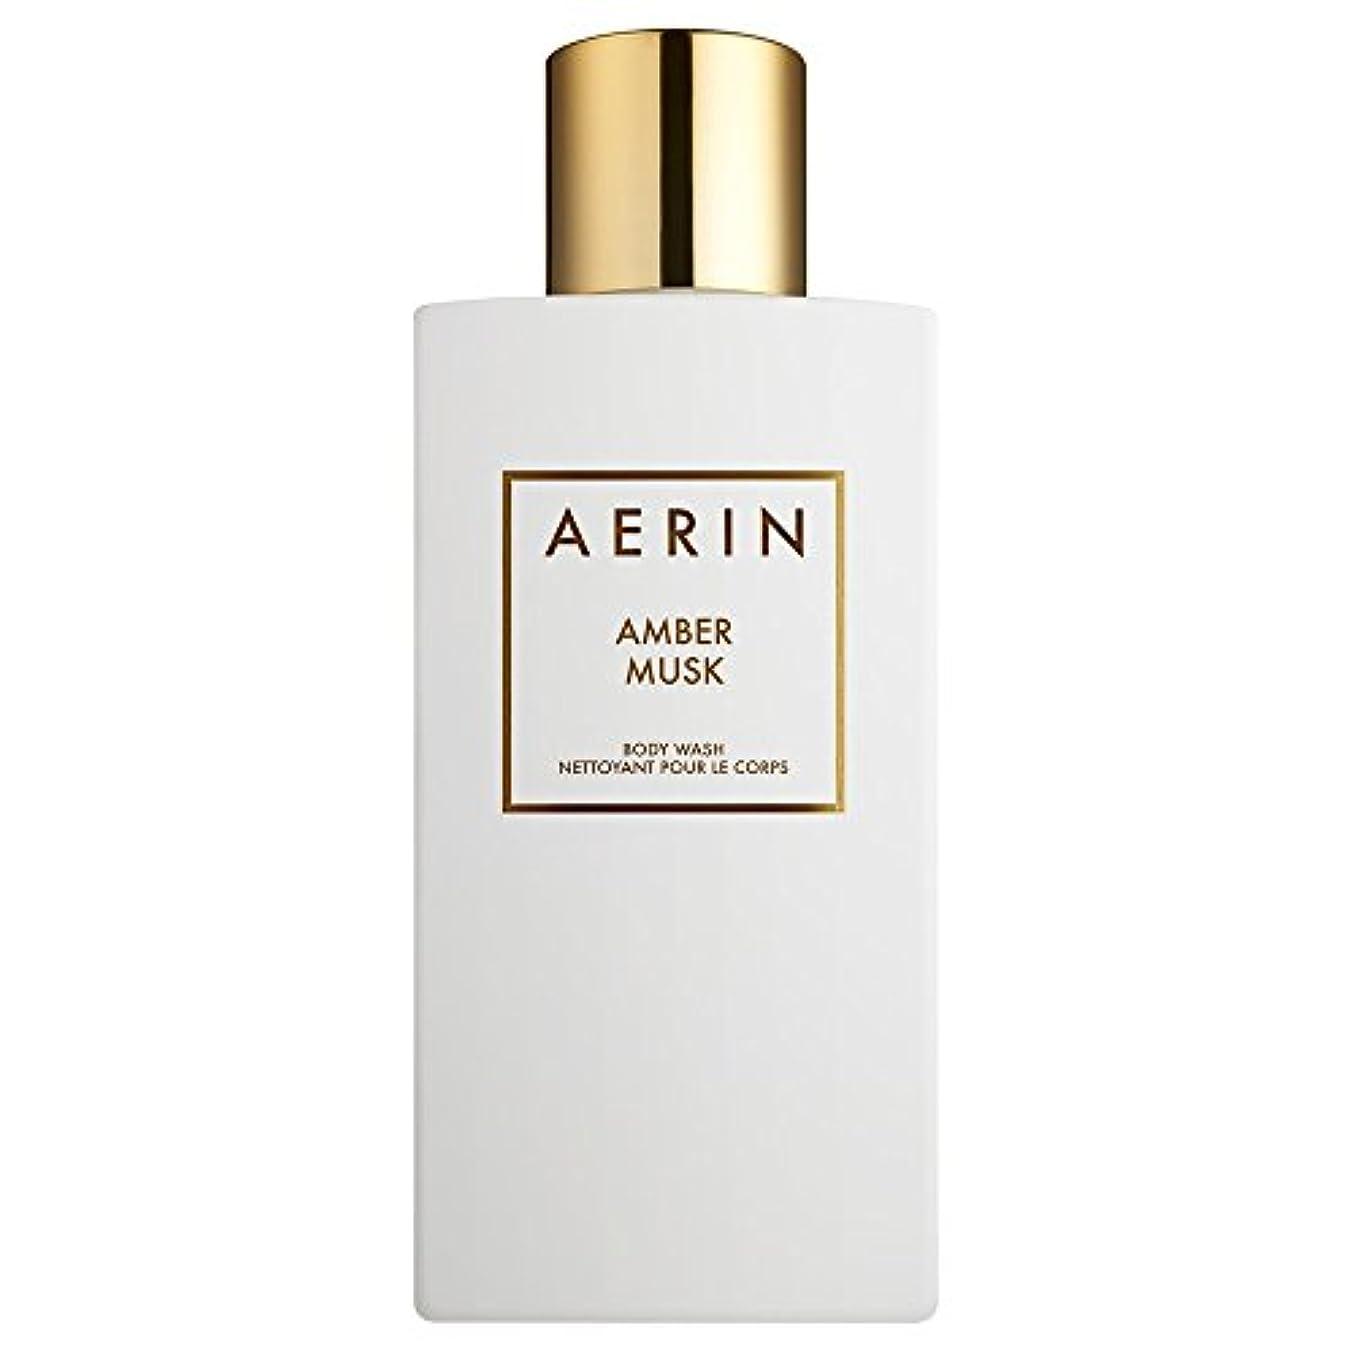 資本主義毛皮知覚的Aerinアンバームスクボディウォッシュ225ミリリットル (AERIN) (x6) - AERIN Amber Musk Bodywash 225ml (Pack of 6) [並行輸入品]